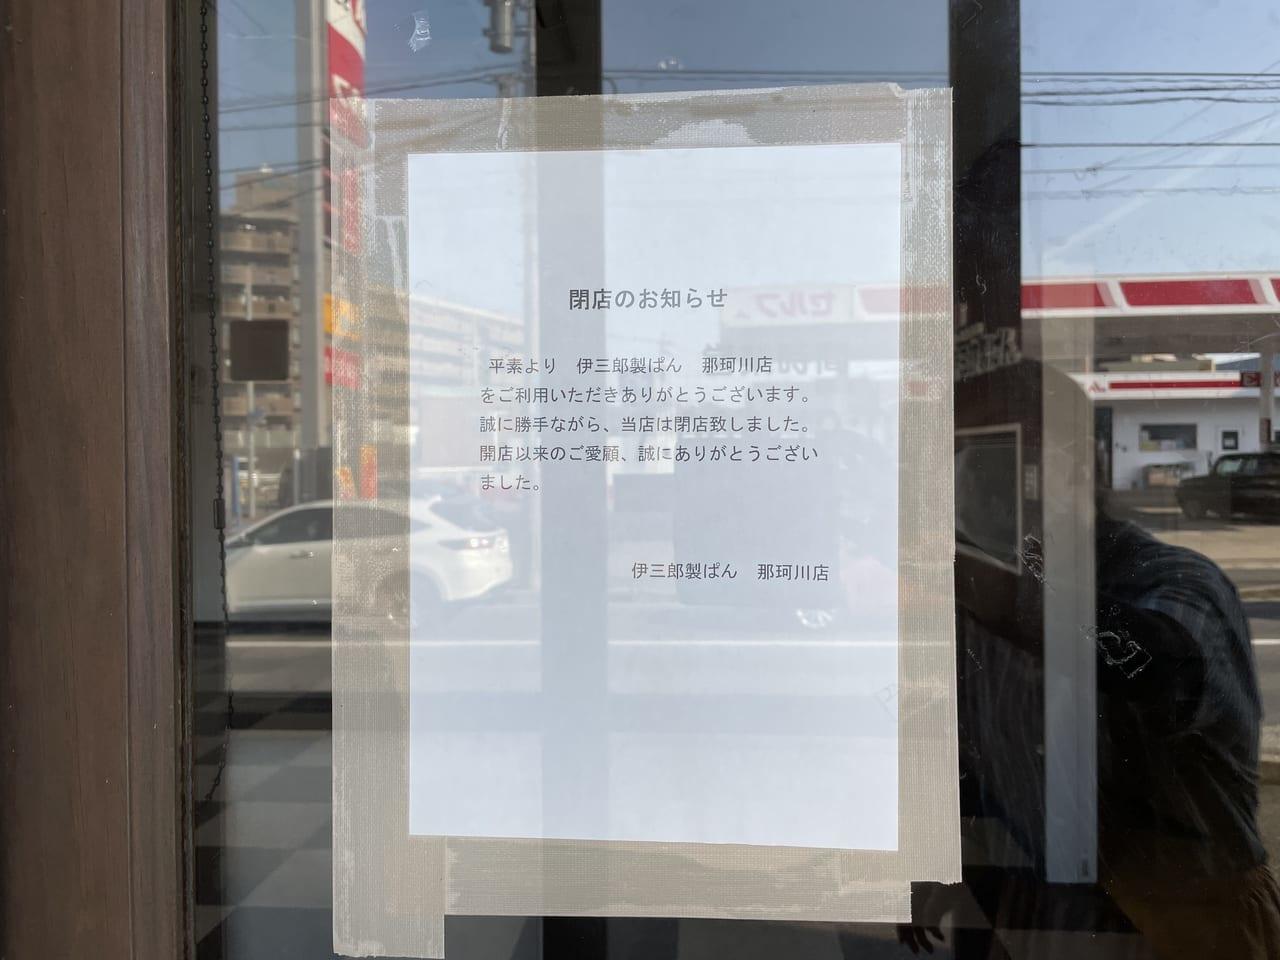 伊三郎製パン閉店